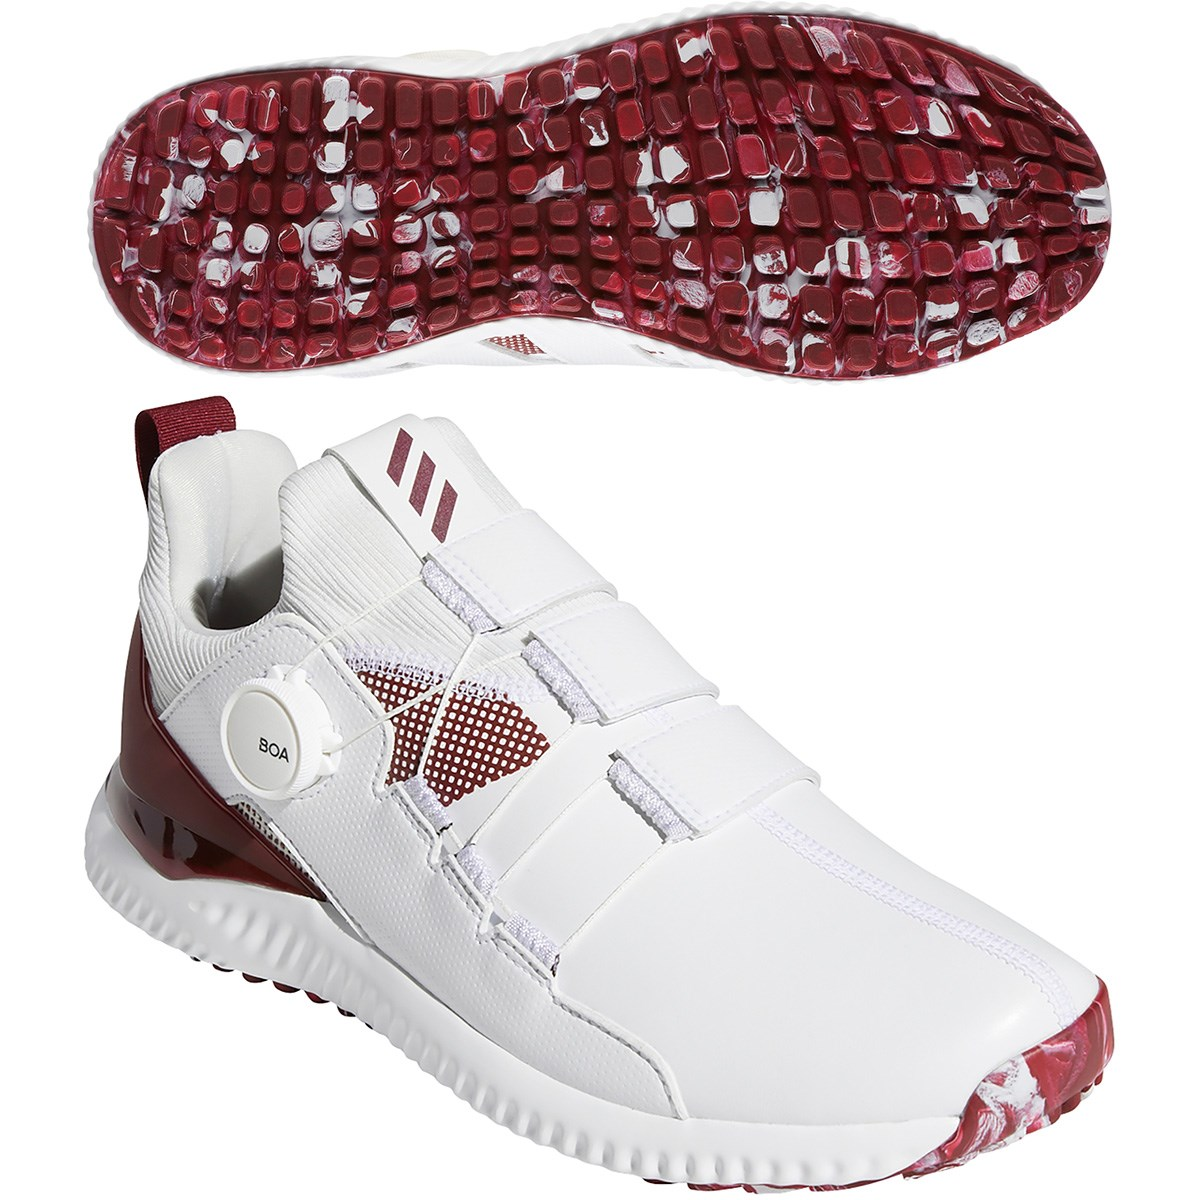 アディダス Adidas アディクロス バウンス ボア シューズ 26.5cm ホワイト/カレジエイトバーガンディー/オービットグレー